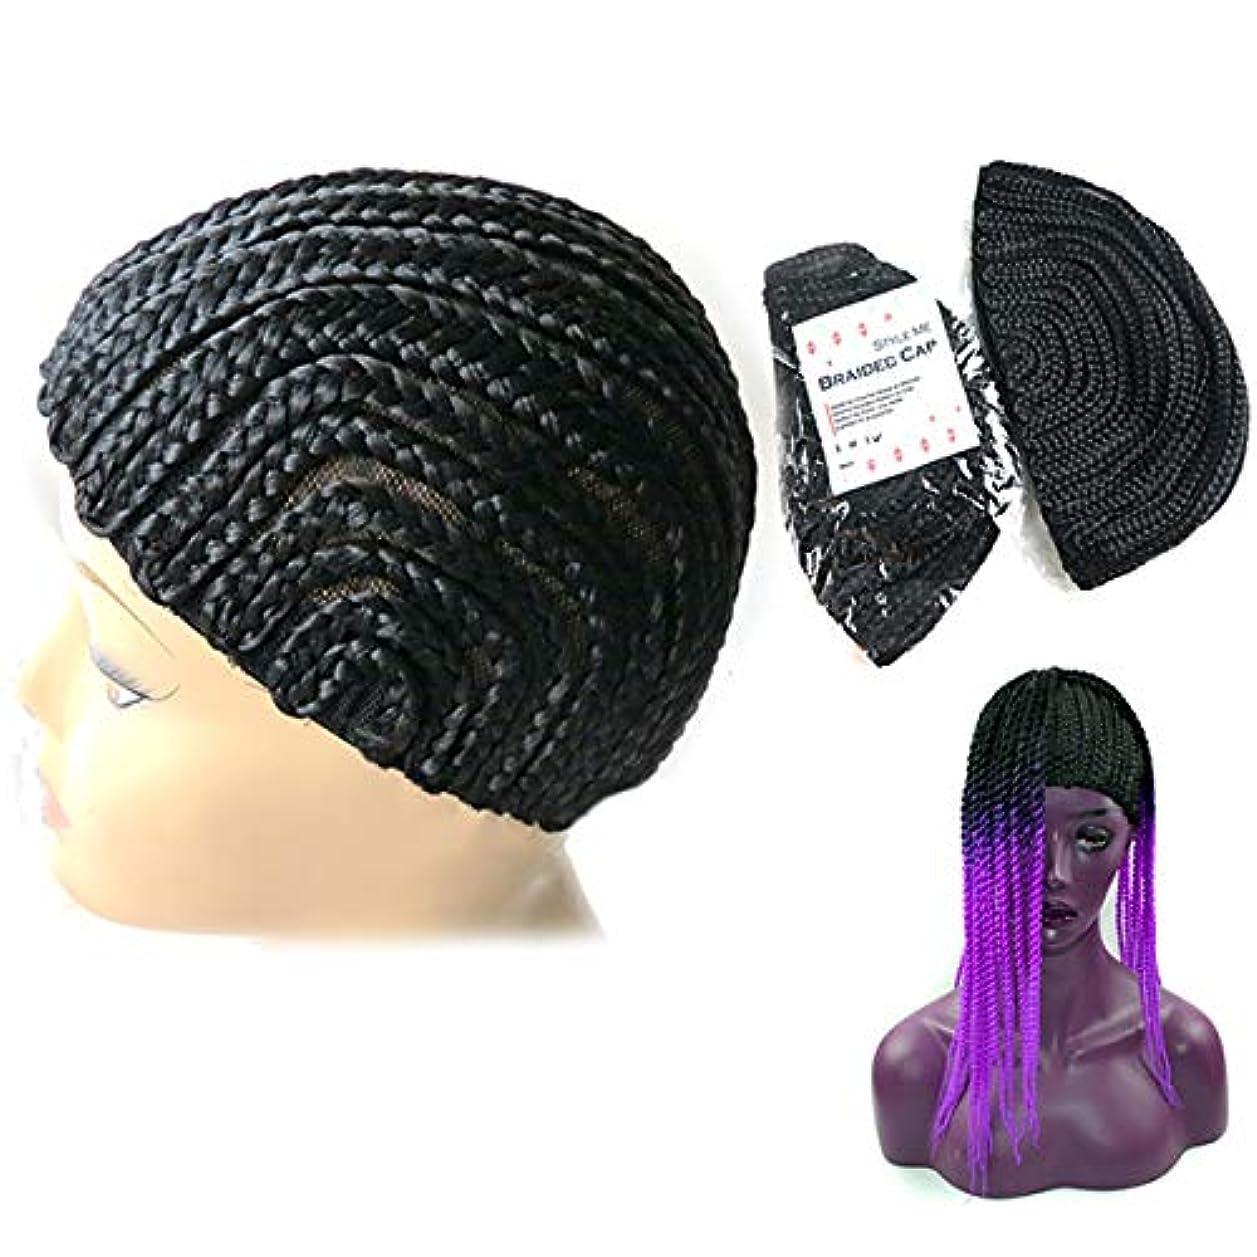 メトリックジャズエーカーYZUEYT 弾性コーンローウィッグキャップ調節可能なかぎ針編み織りキャップレースヘアネットヘアスタイリングツール YZUEYT (Size : One size)